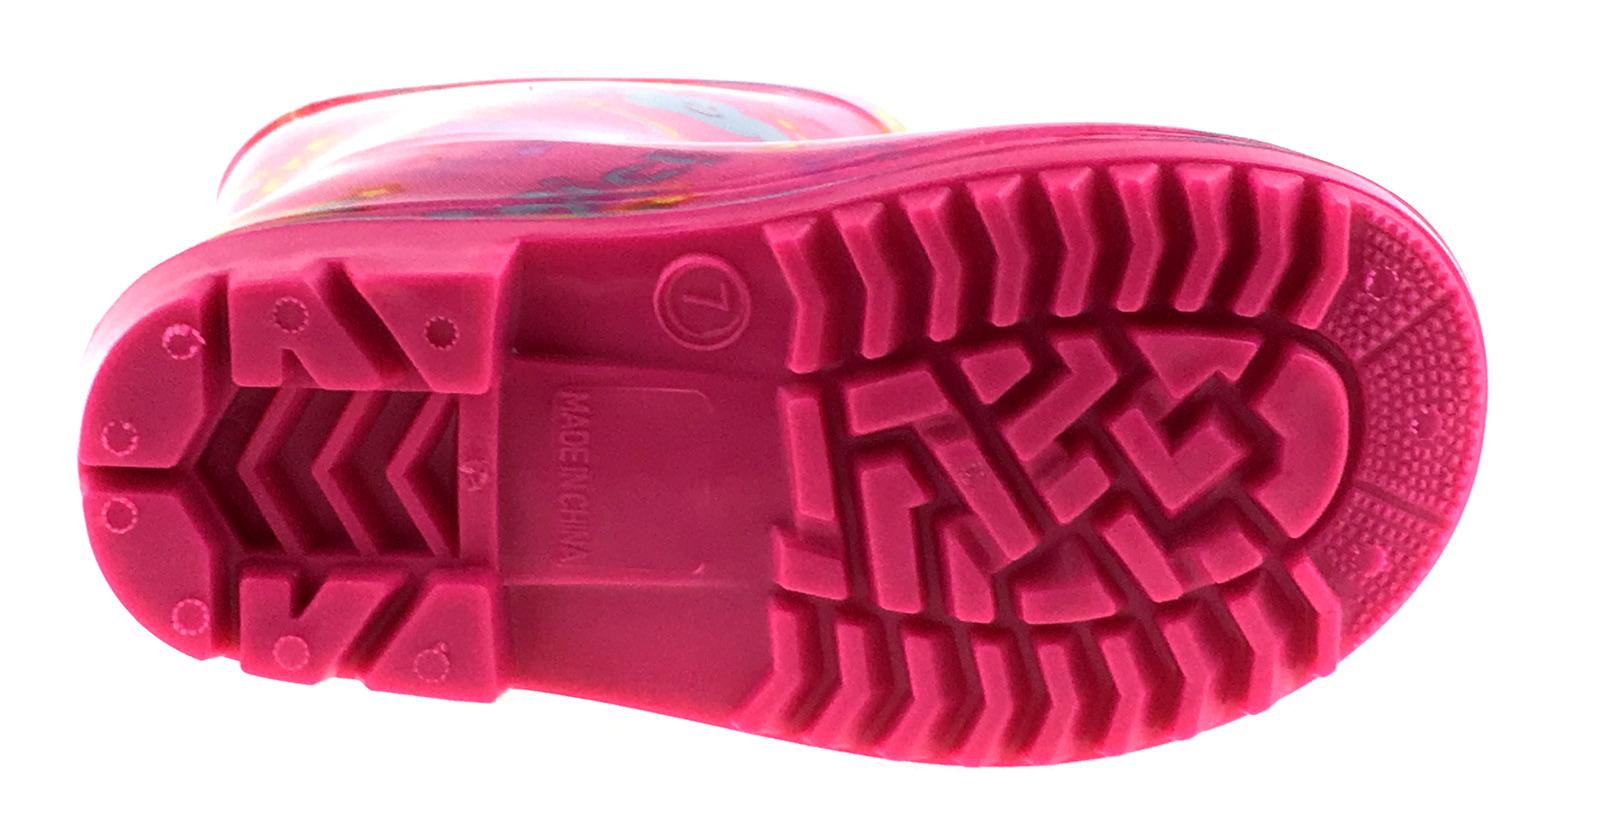 Girls-Peppa-Pig-Wellington-Boots-Mid-Calf-Gitter-Snow-Rain-Wellies-Kids-Size Indexbild 31